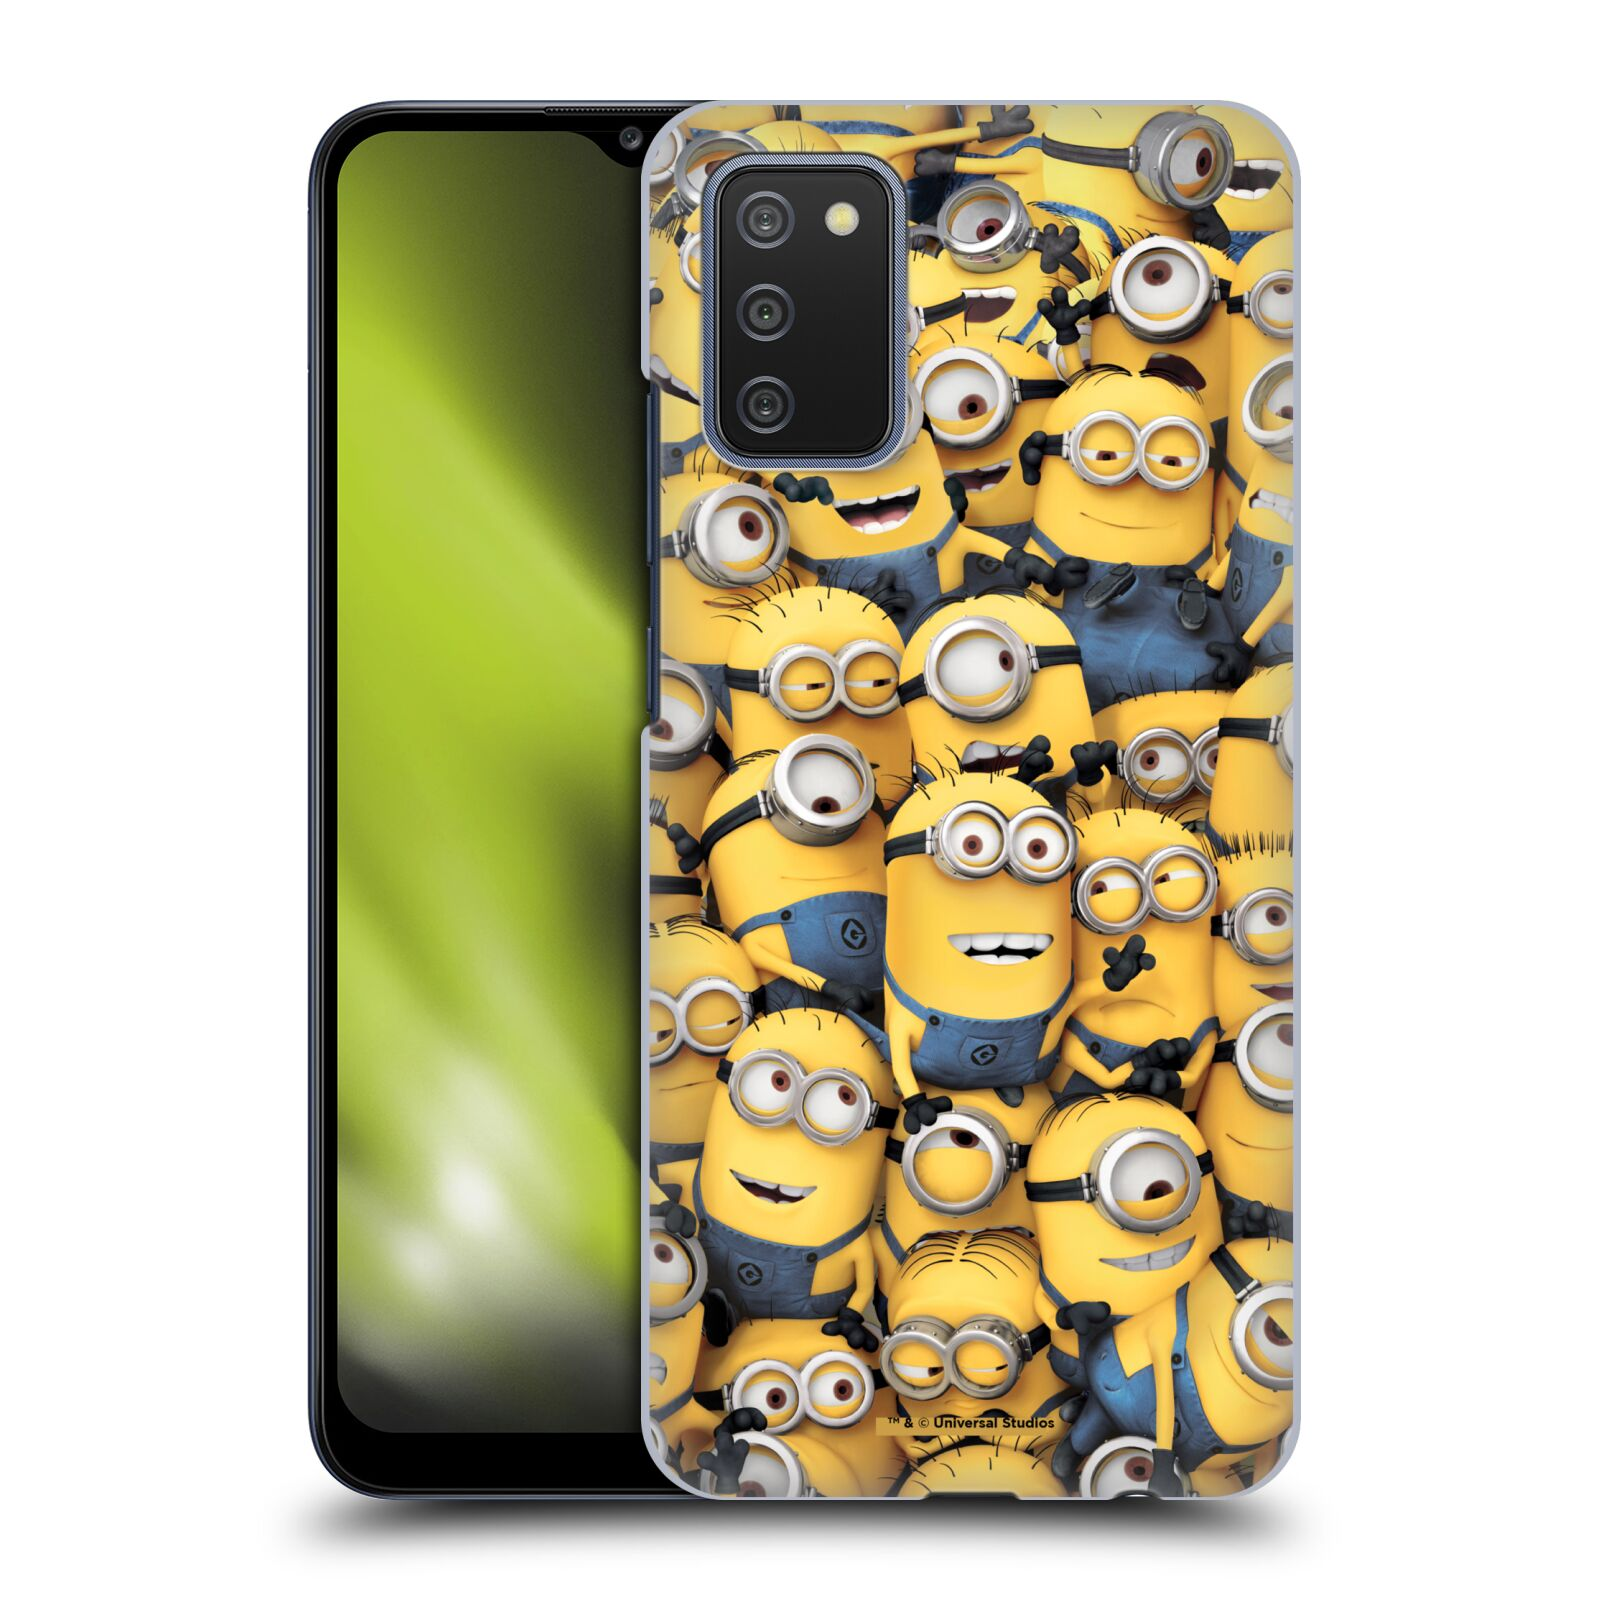 Plastové pouzdro na mobil Samsung Galaxy A02s - Head Case - Mimoni všude z filmu Já, padouch - Despicable Me